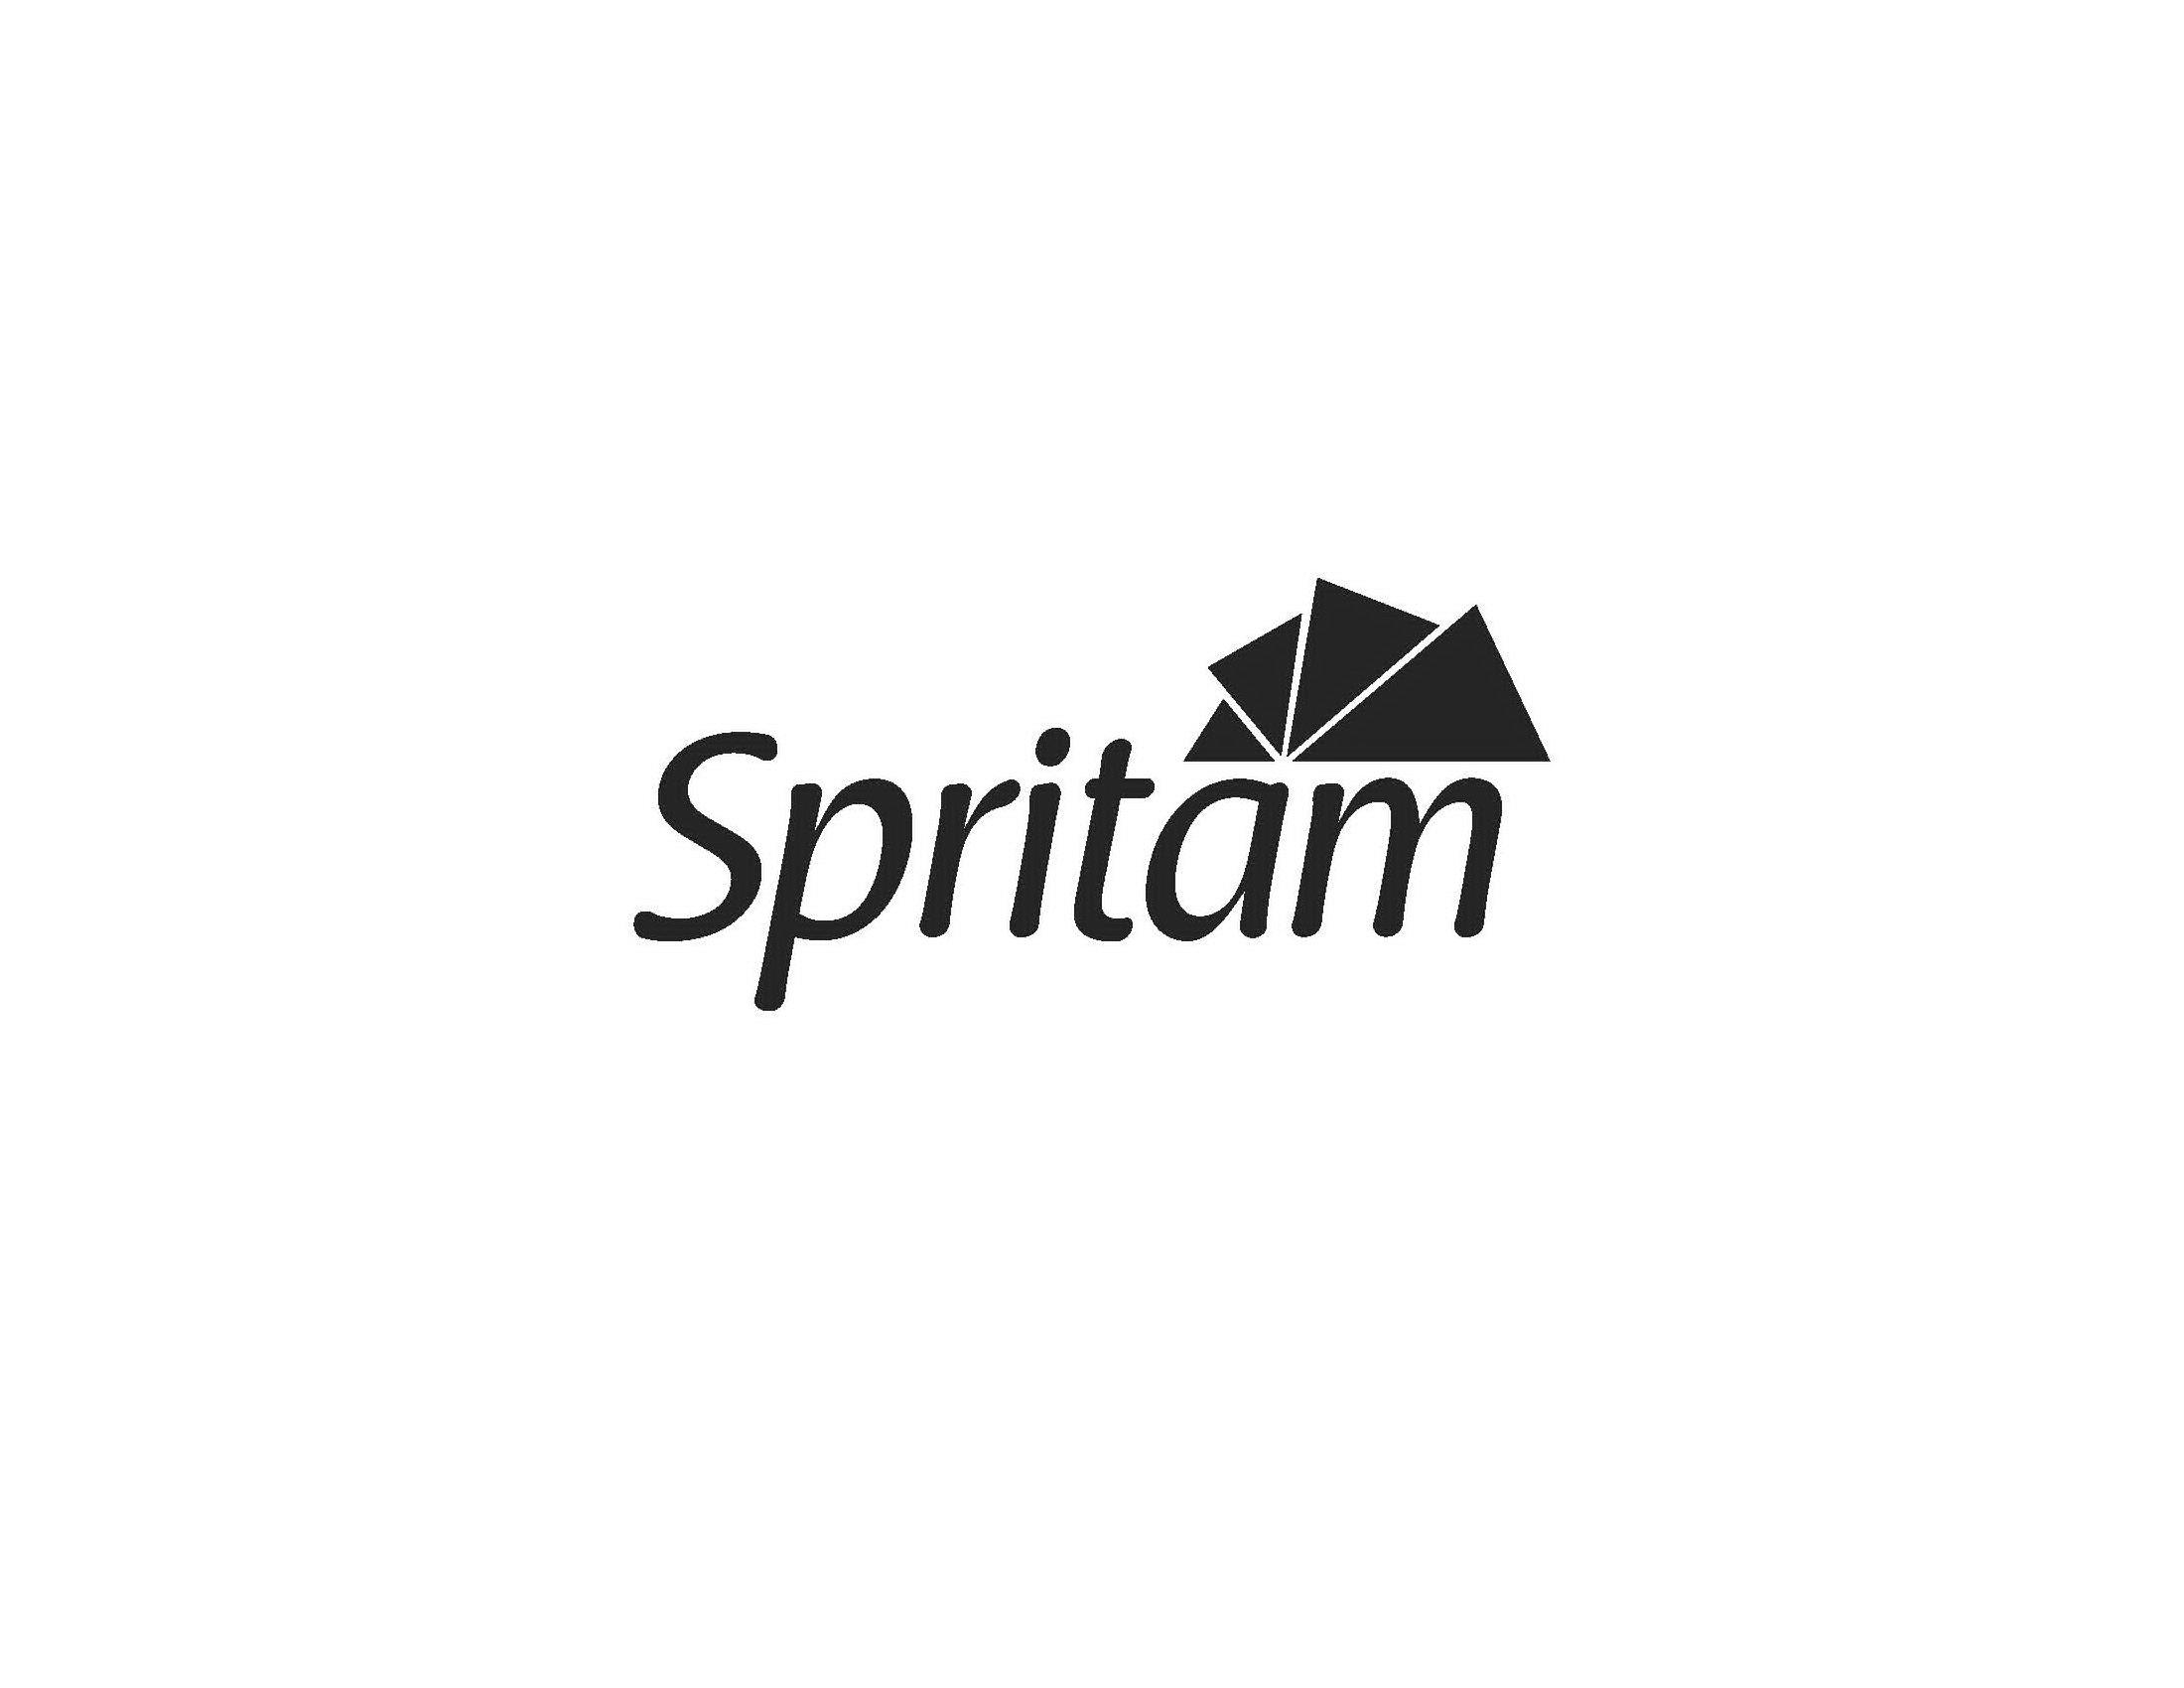 SPRITAM